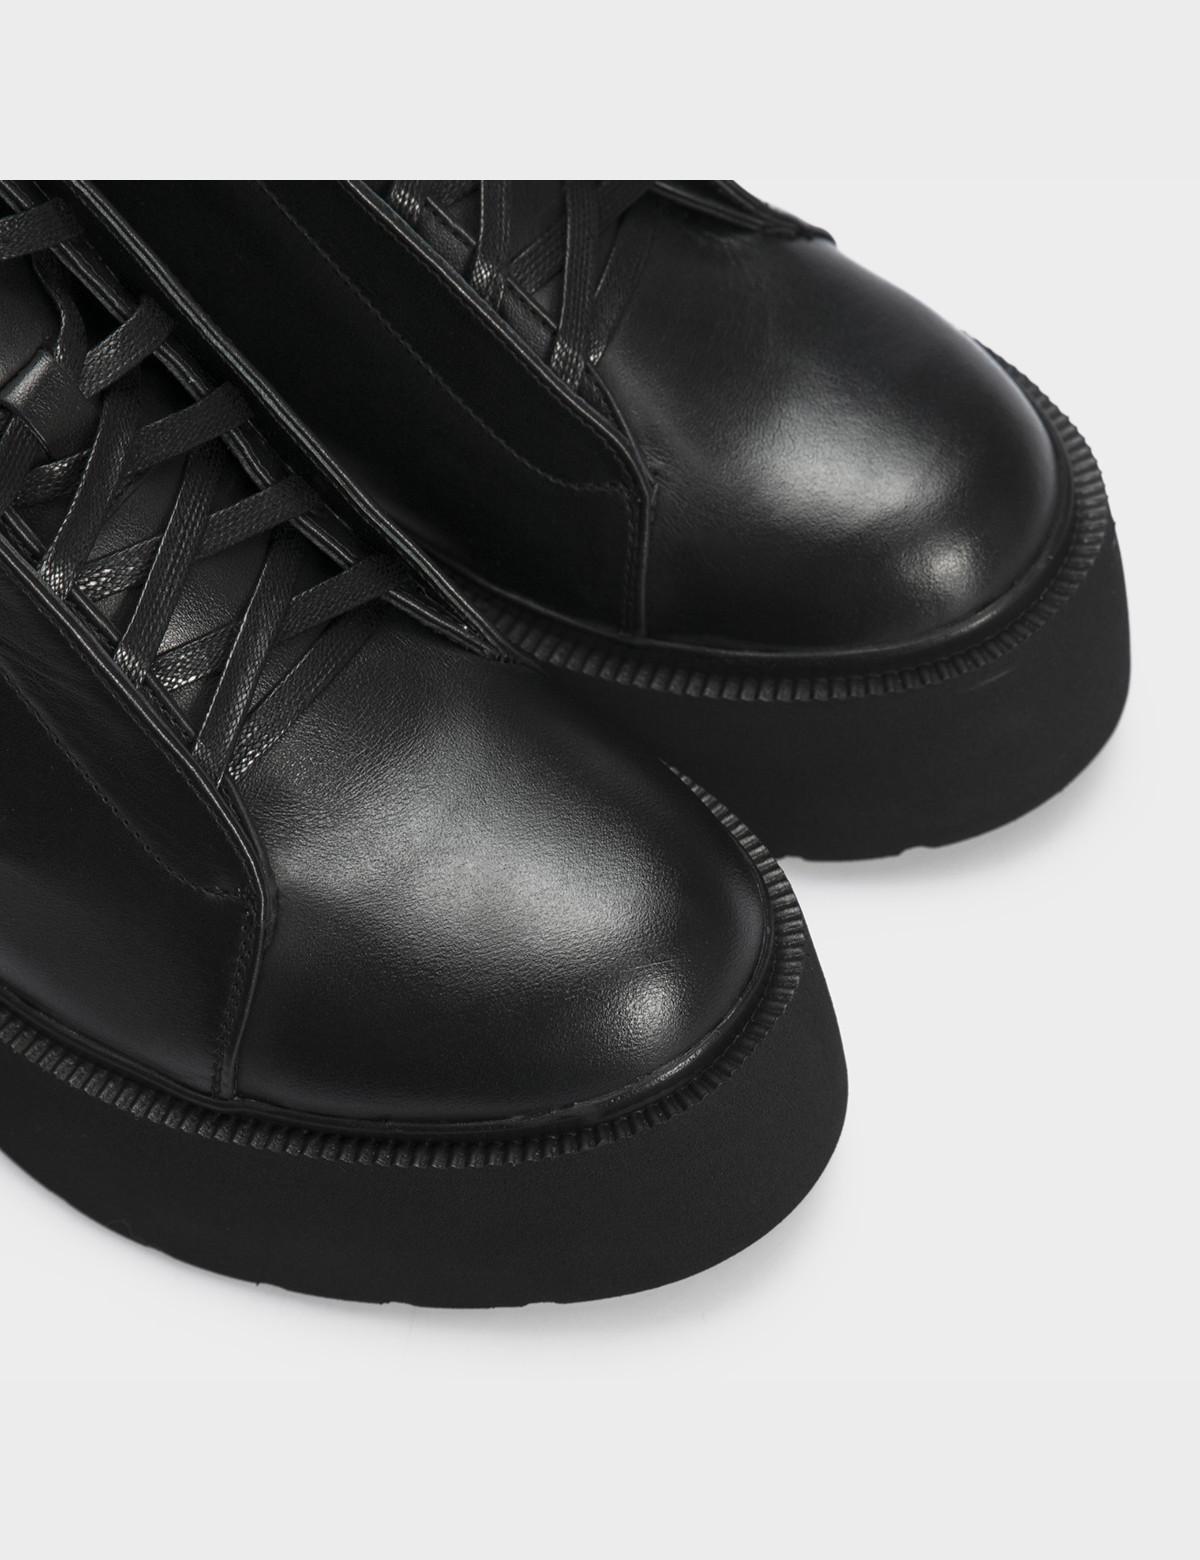 Ботинки черные натуральная кожа. Байка4